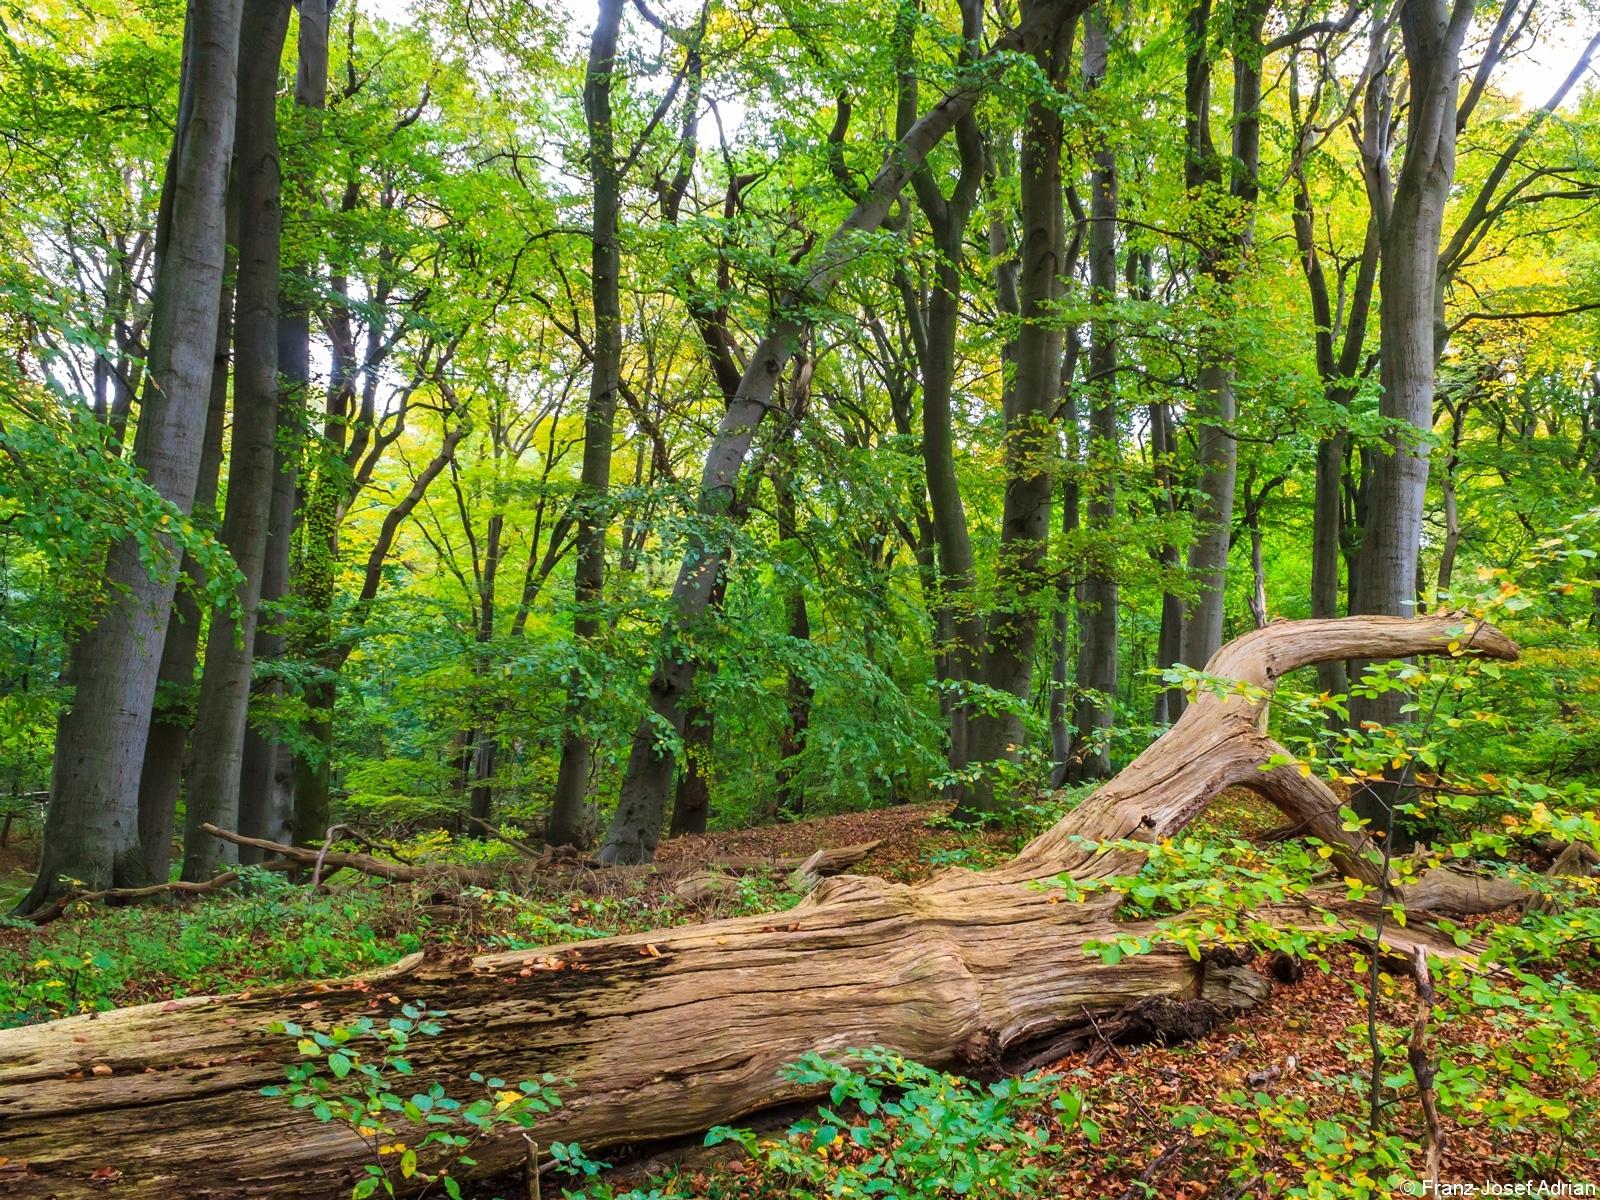 starkes liegendes Totholz vor dichtgedrängten Altbuchen